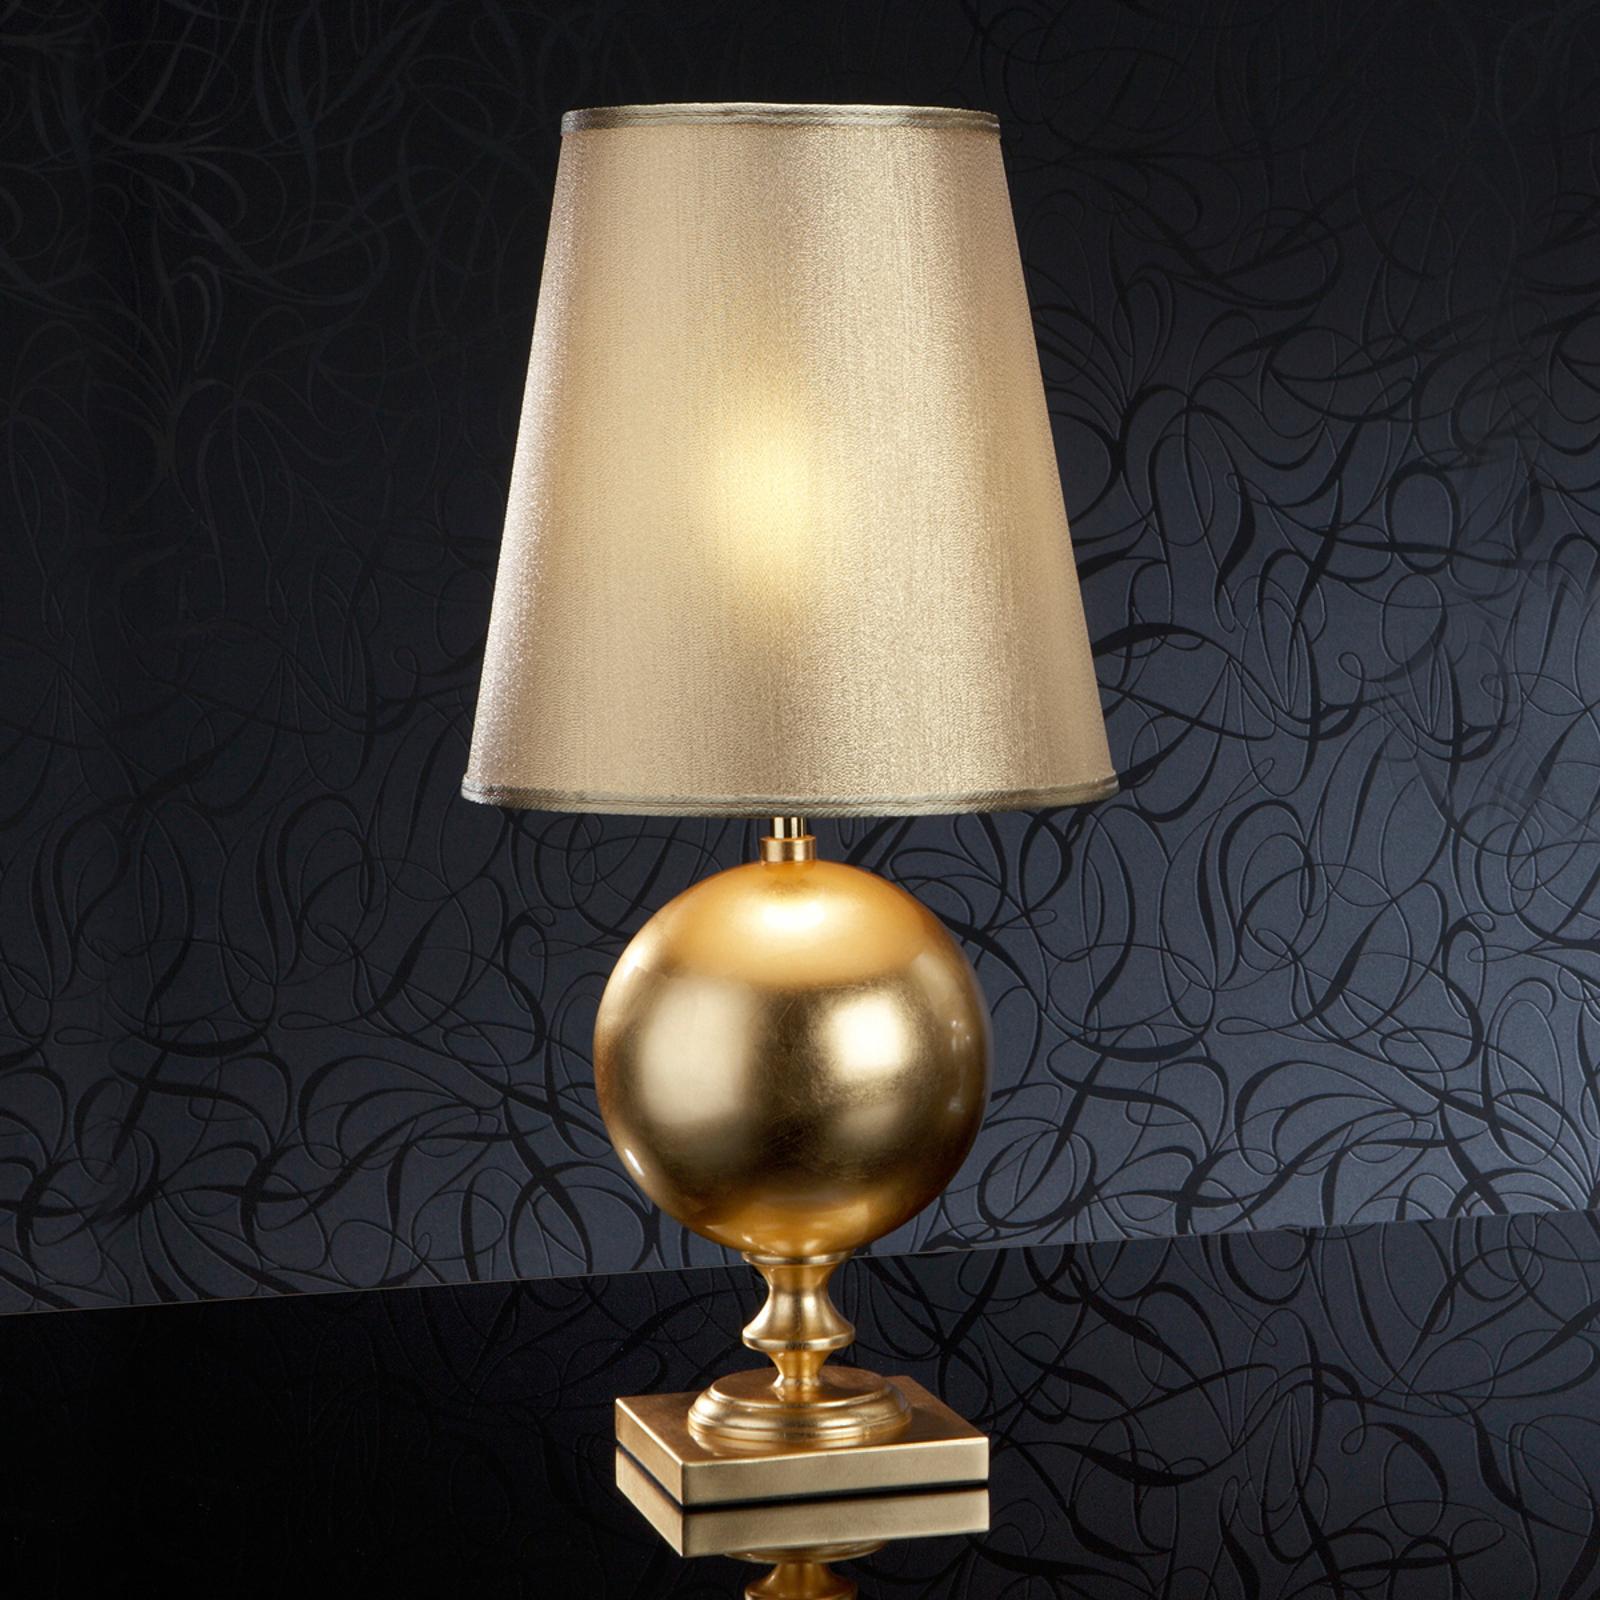 Kultainen, 60 cm korkea Terra-pöytävalaisin